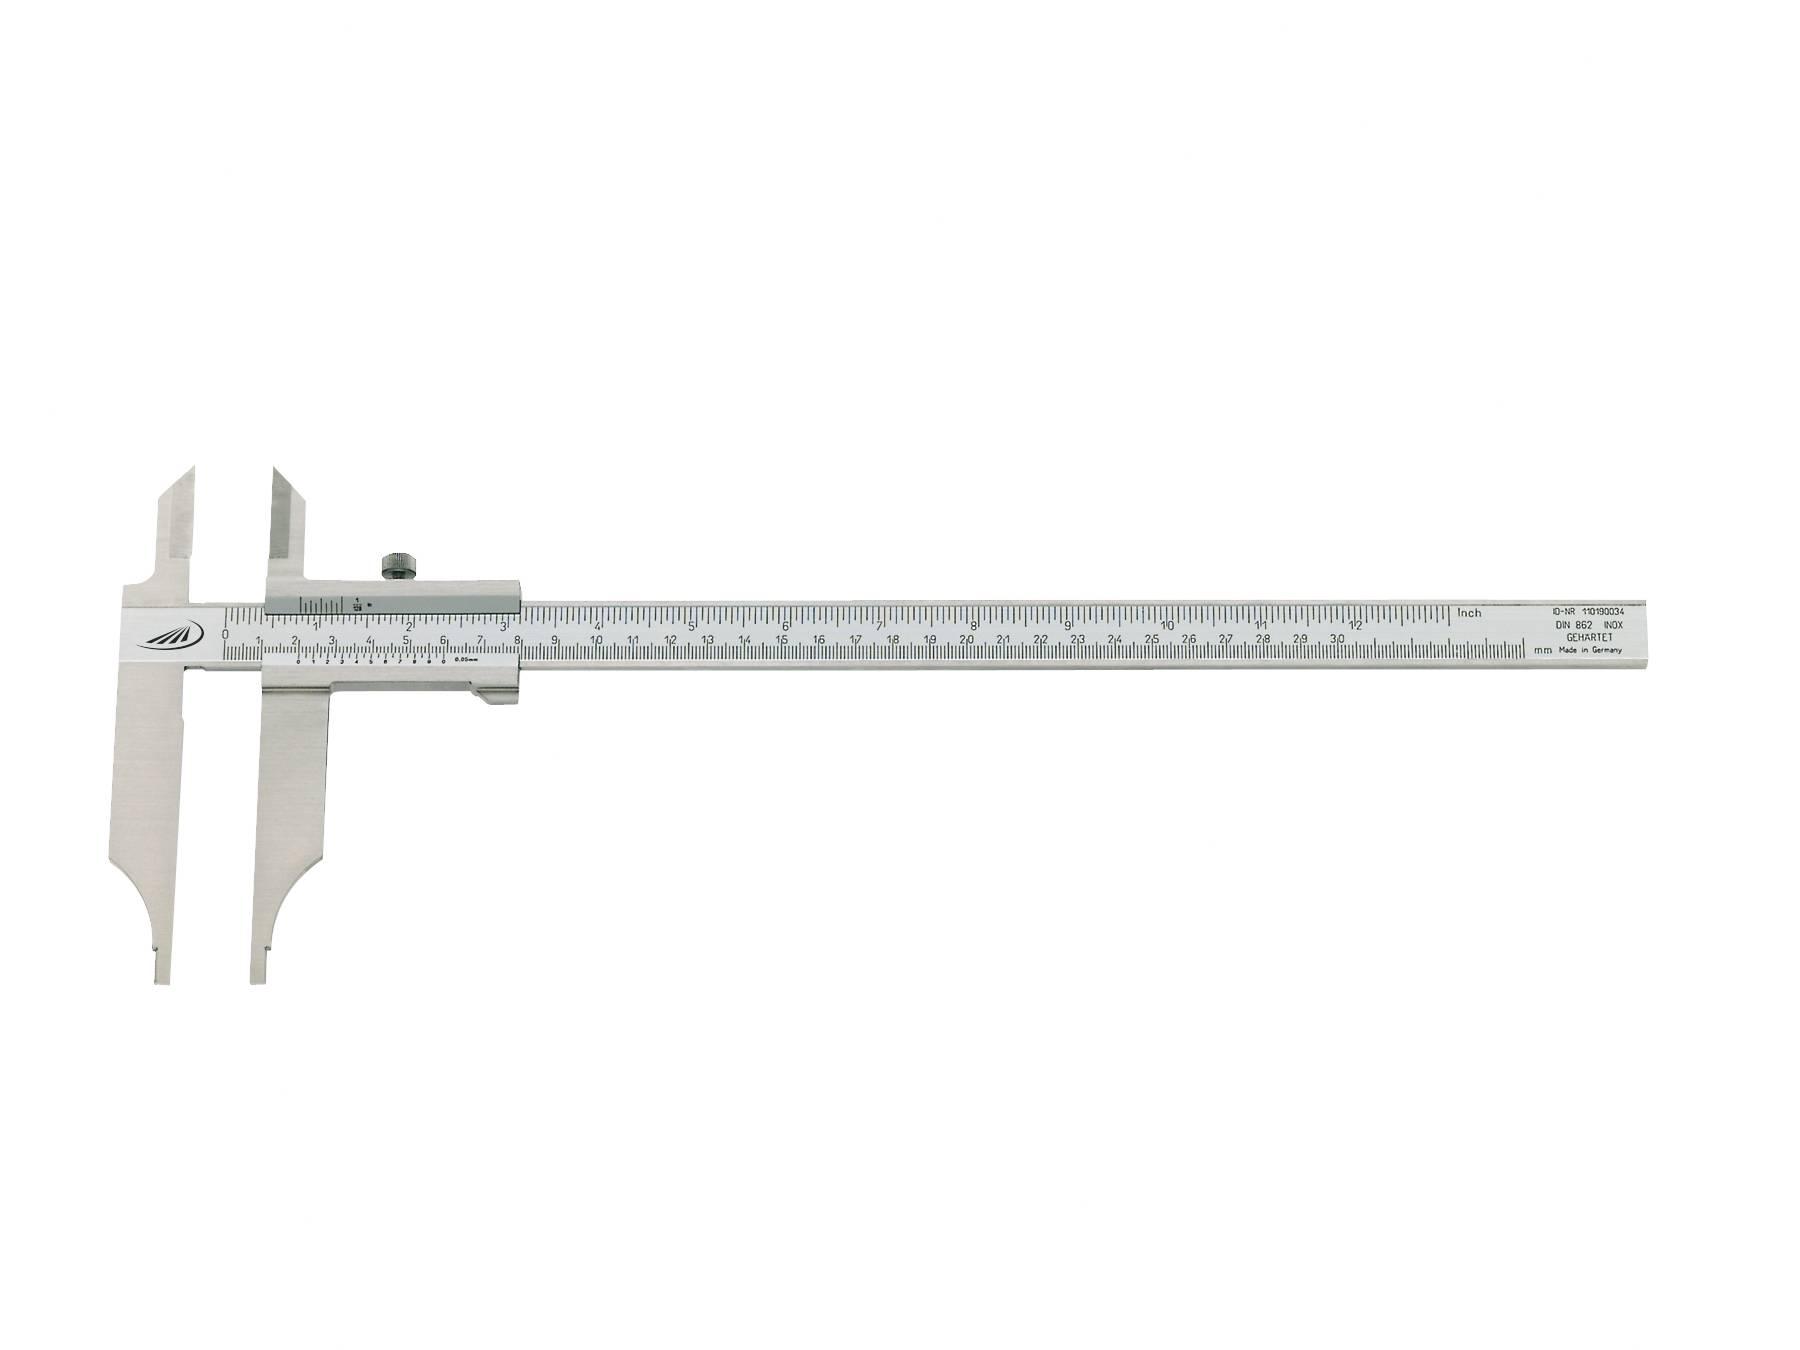 Posuvné měřítko HELIOS PREISSER 0234208, měřicí rozsah 500 mm, Kalibrováno dle DAkkS / mé číslo pro ISO